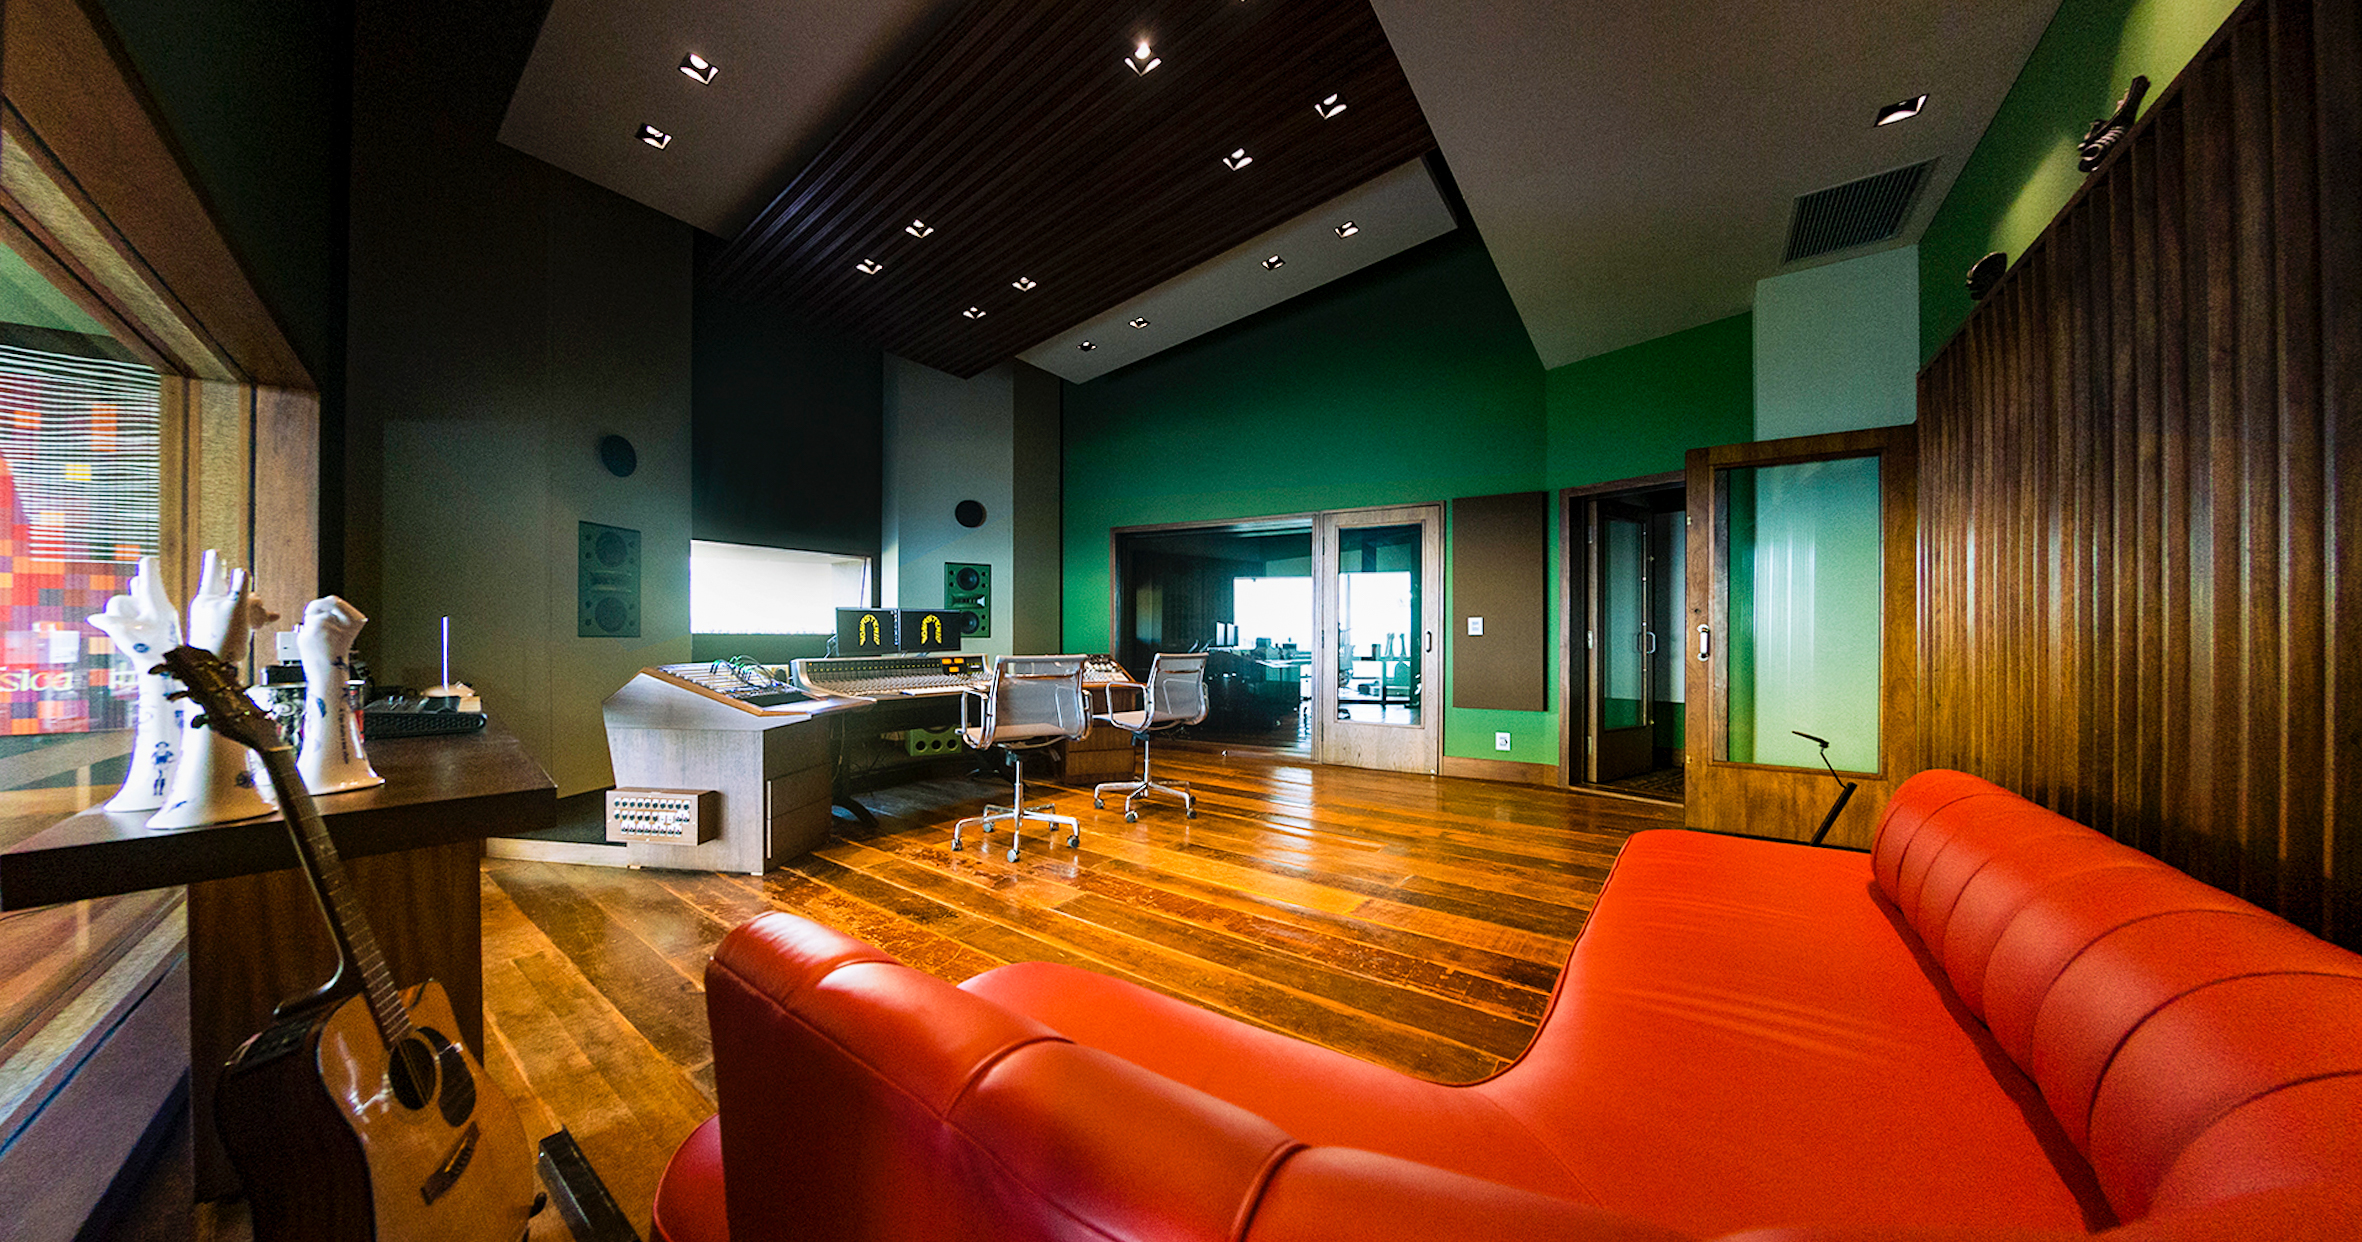 House Recording Studio In Belo Horizonte Architect